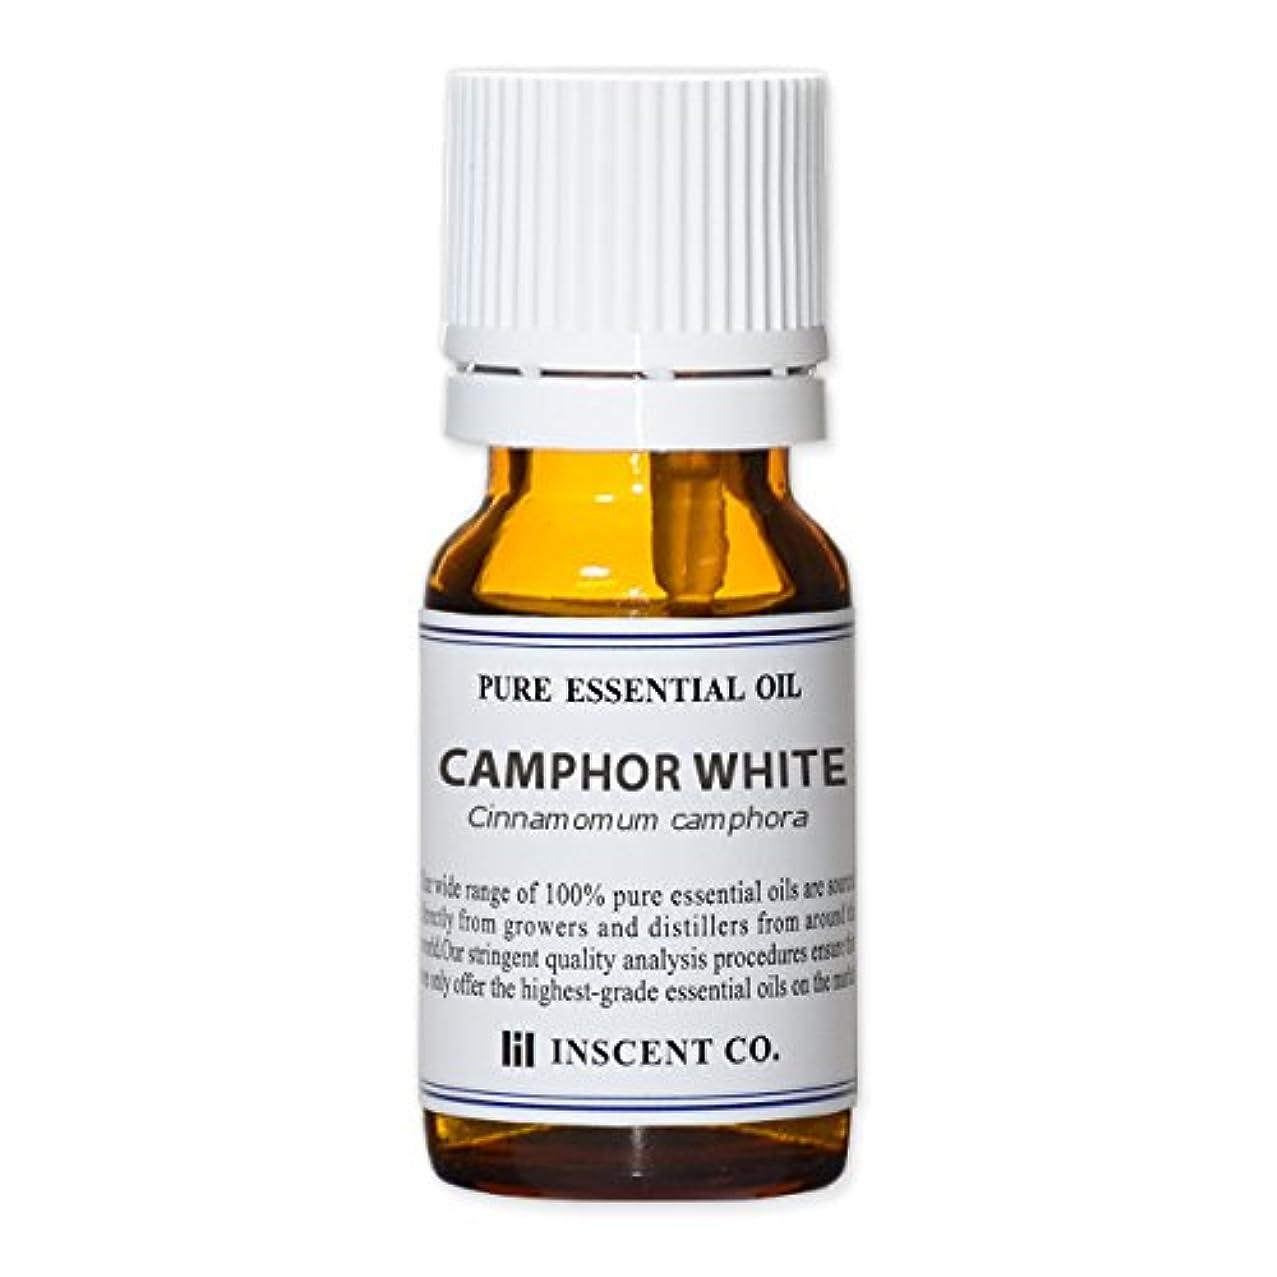 ぬいぐるみ横気づくカンファー (ホワイト) 10ml インセント エッセンシャルオイル 精油 アロマオイル